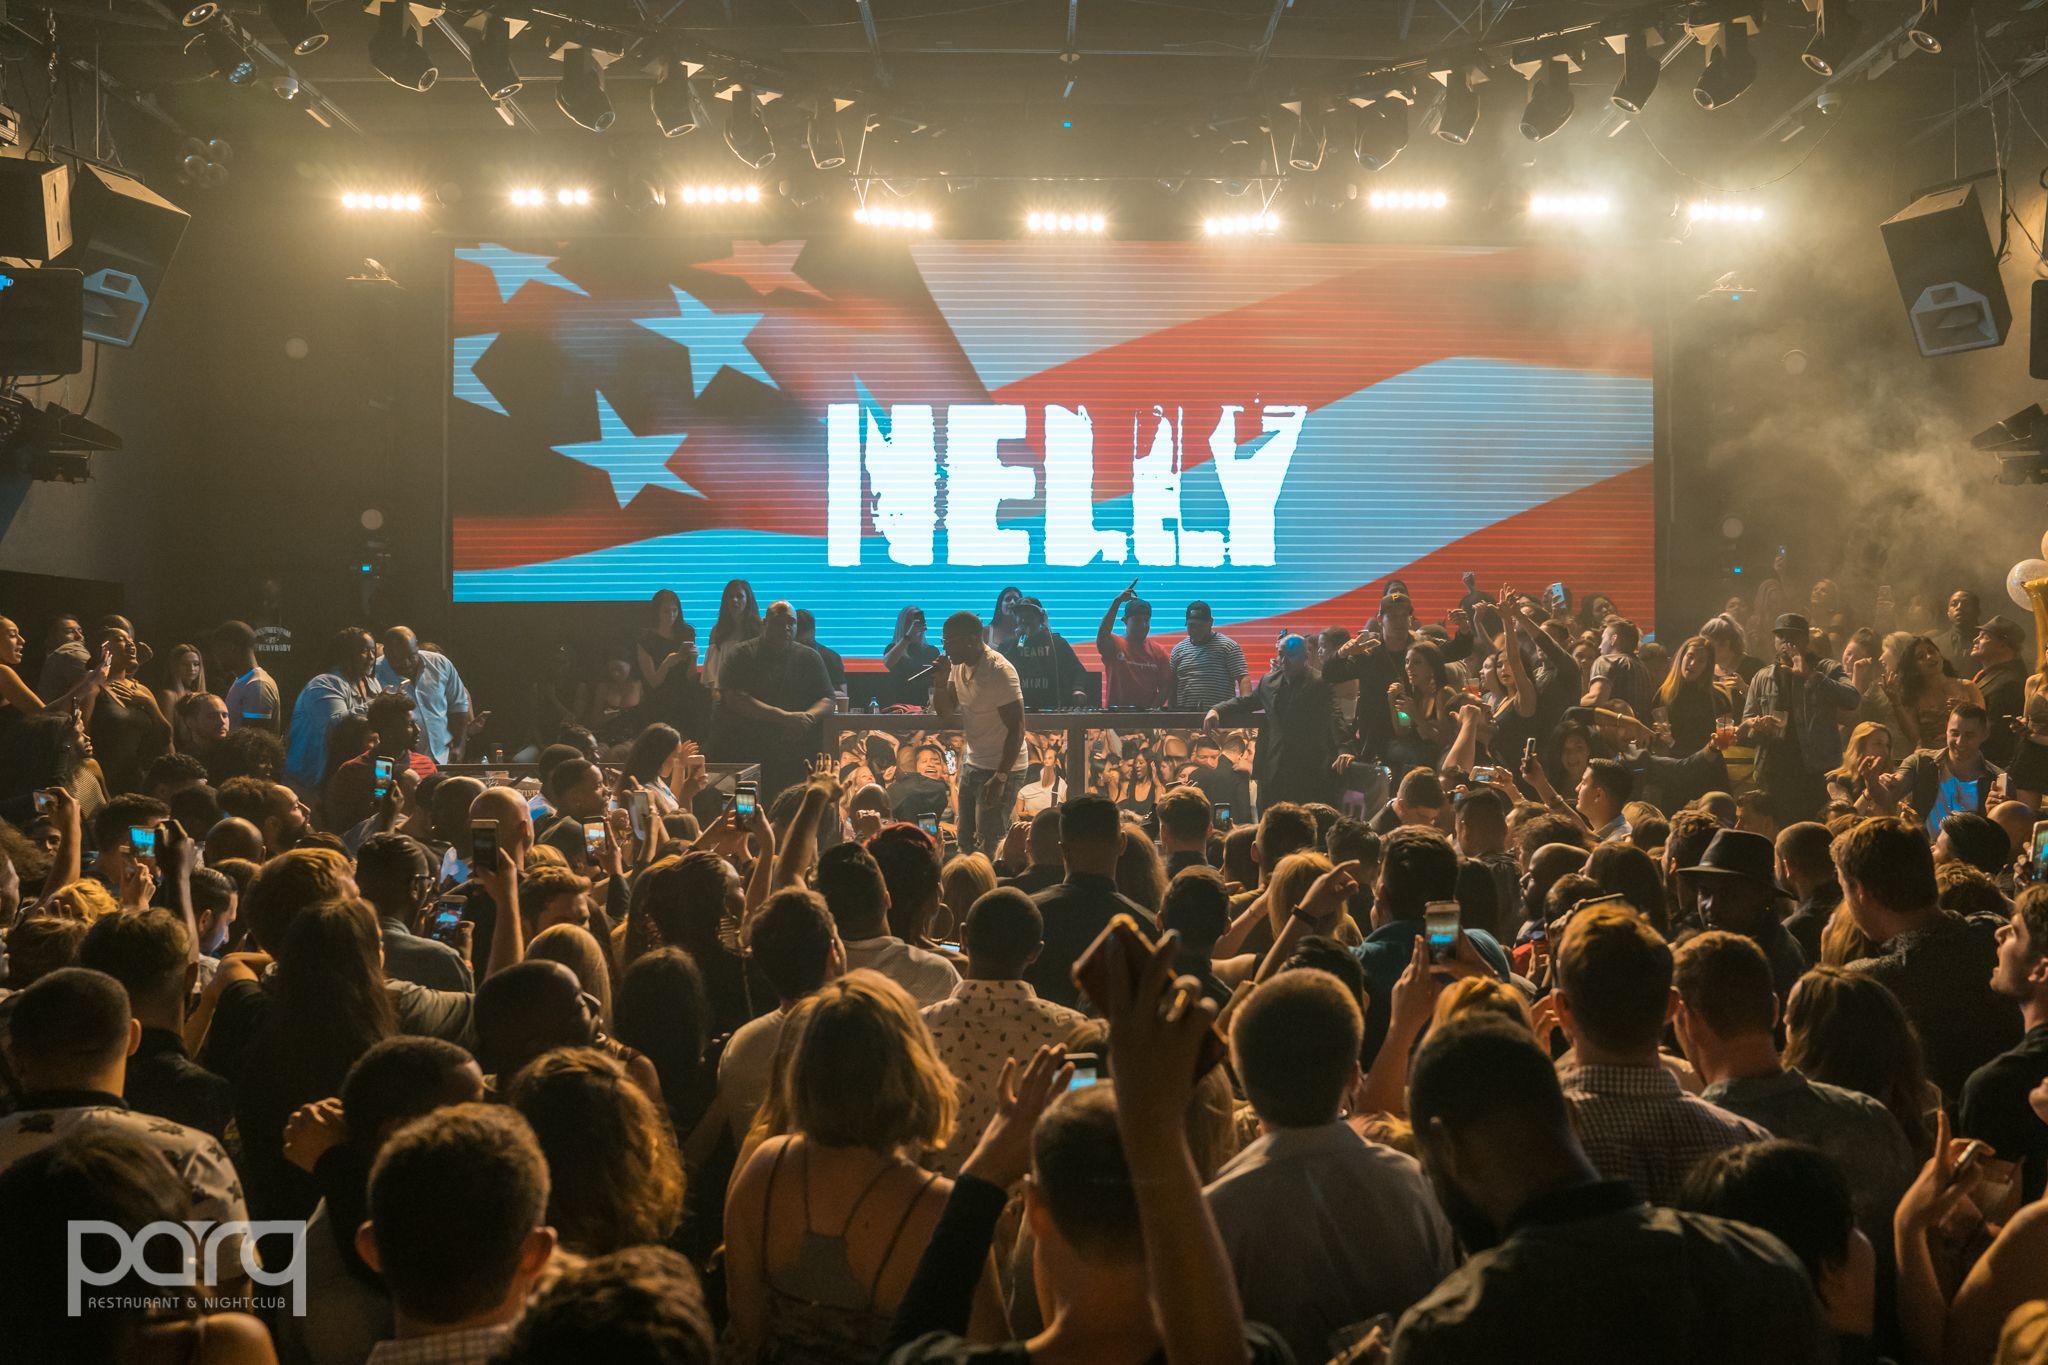 05.25.18 Parq - Nelly-33.jpg